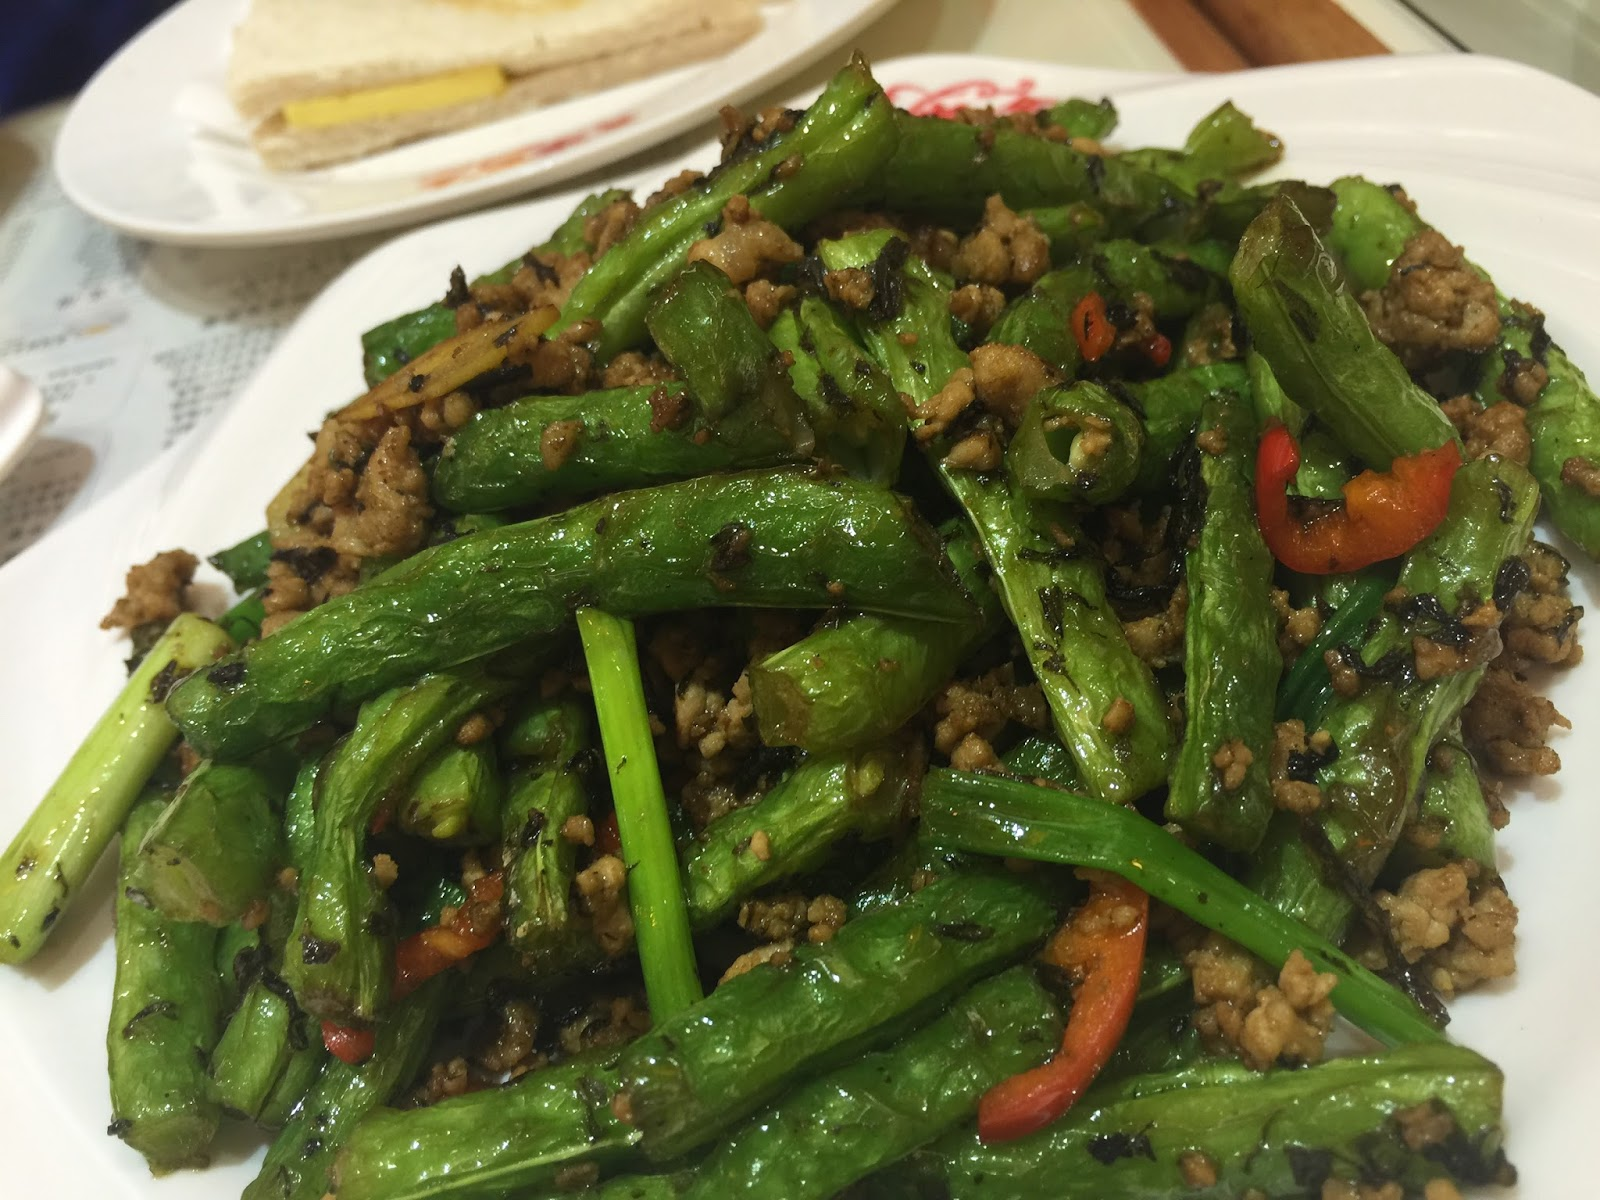 《飲食》估不到小菜也不錯@金記 | Mon 私家屋 – U Blog 博客